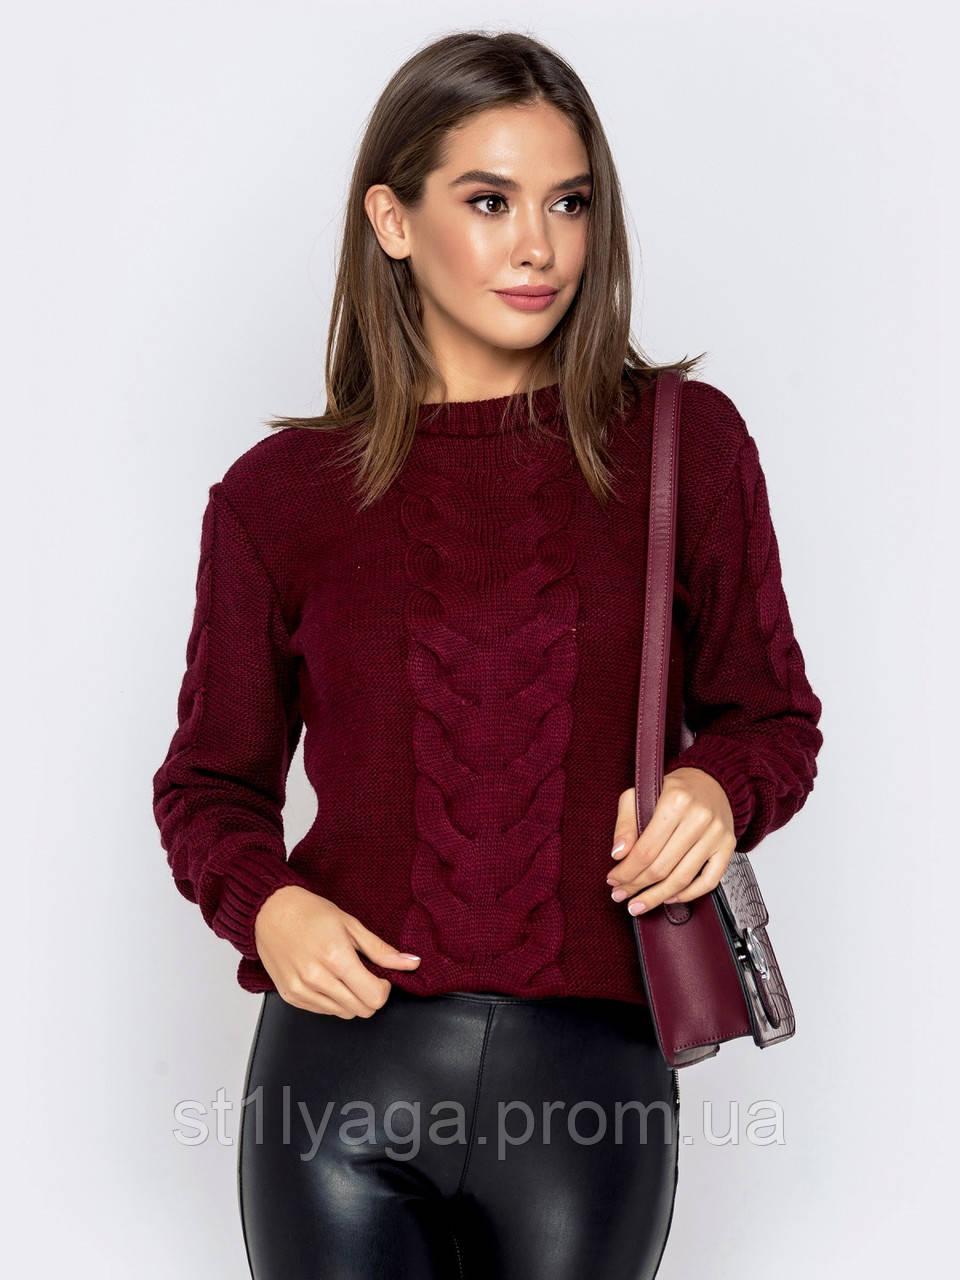 S-XL  Шерстяной свитер ажурной вязки на полочке и рукавах бордовый